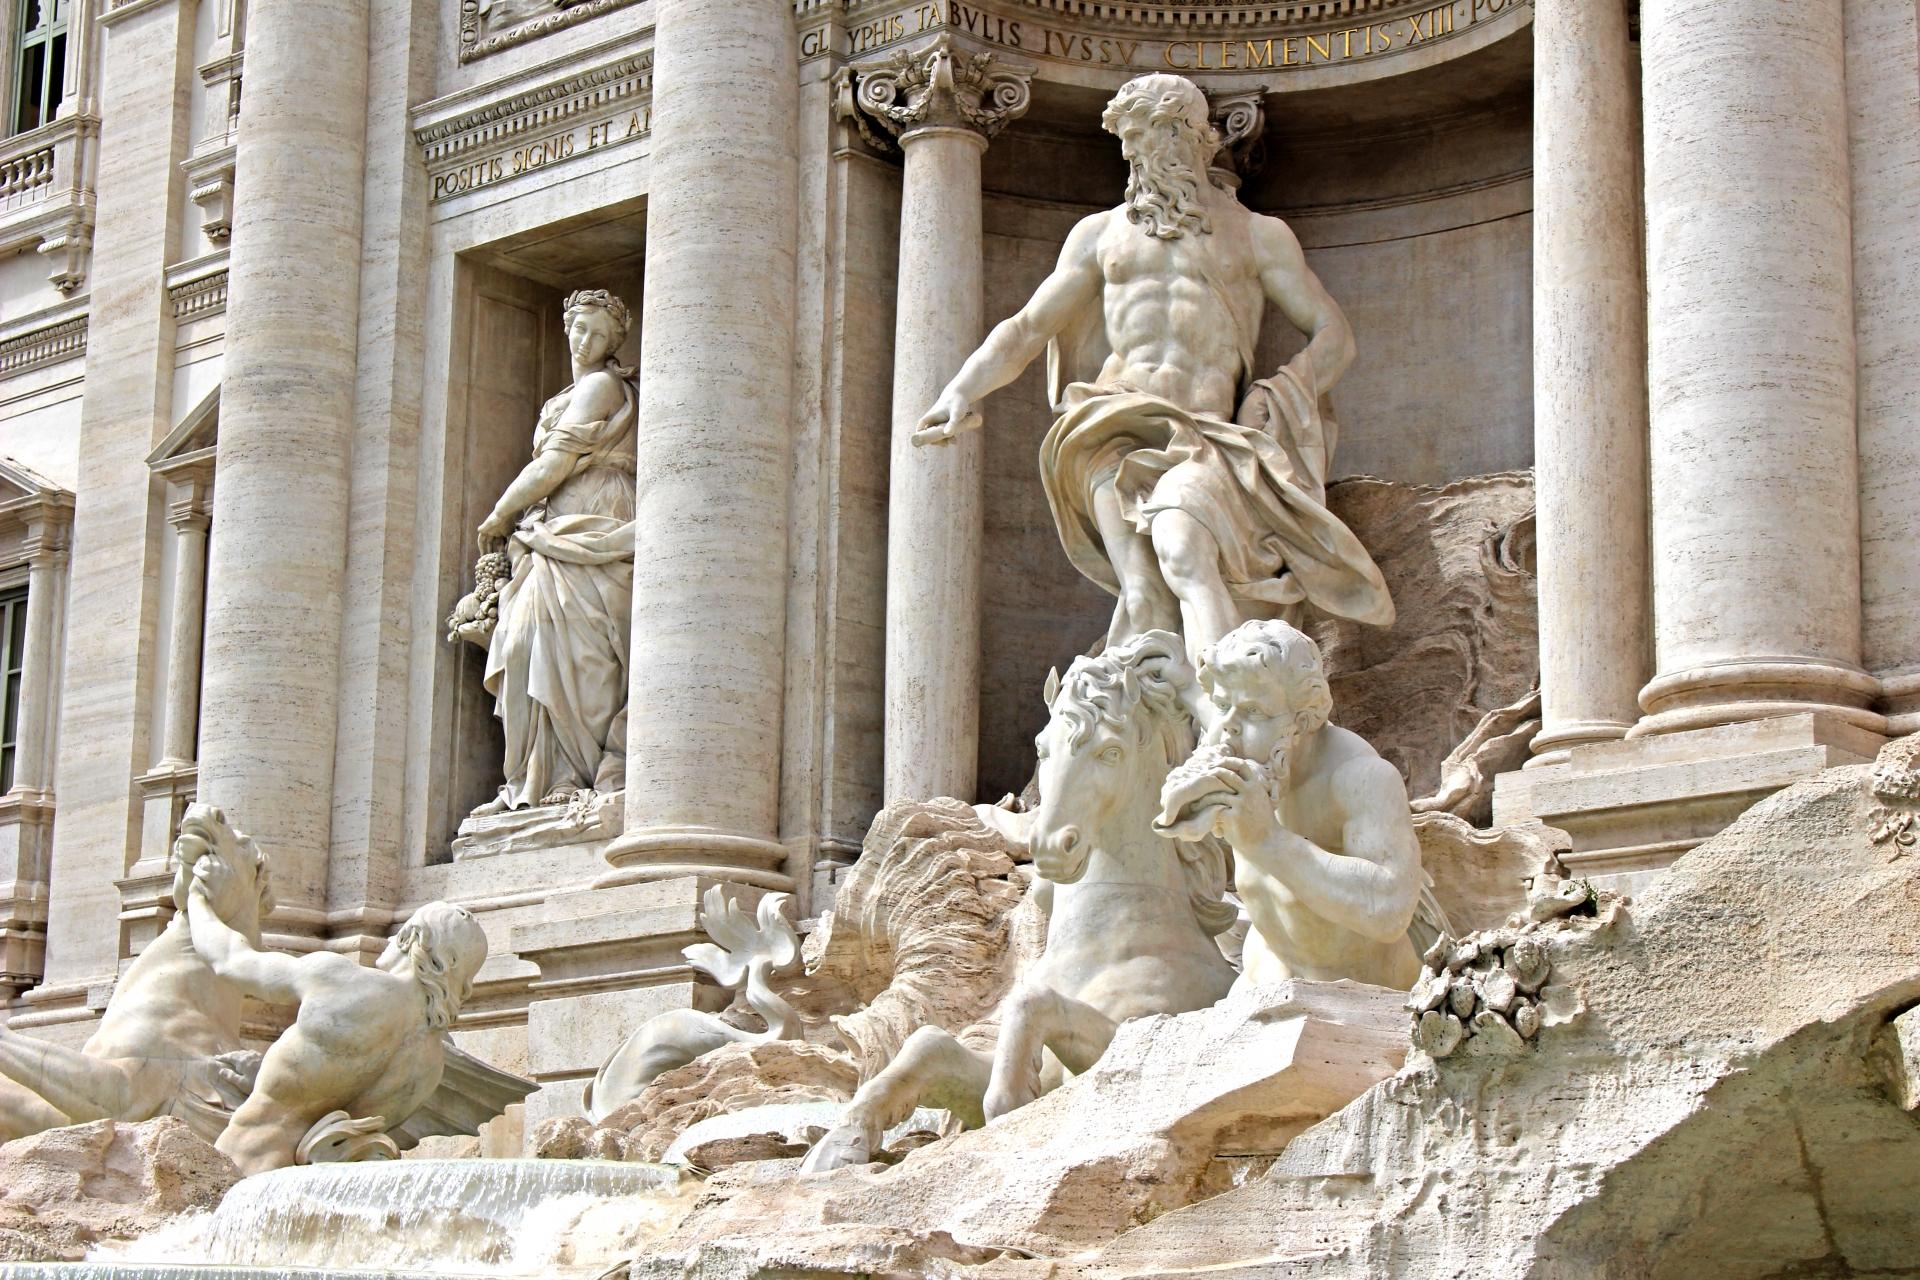 ソクラテス以前、以後とは?ソクラテス以前の哲学者たちの特徴。